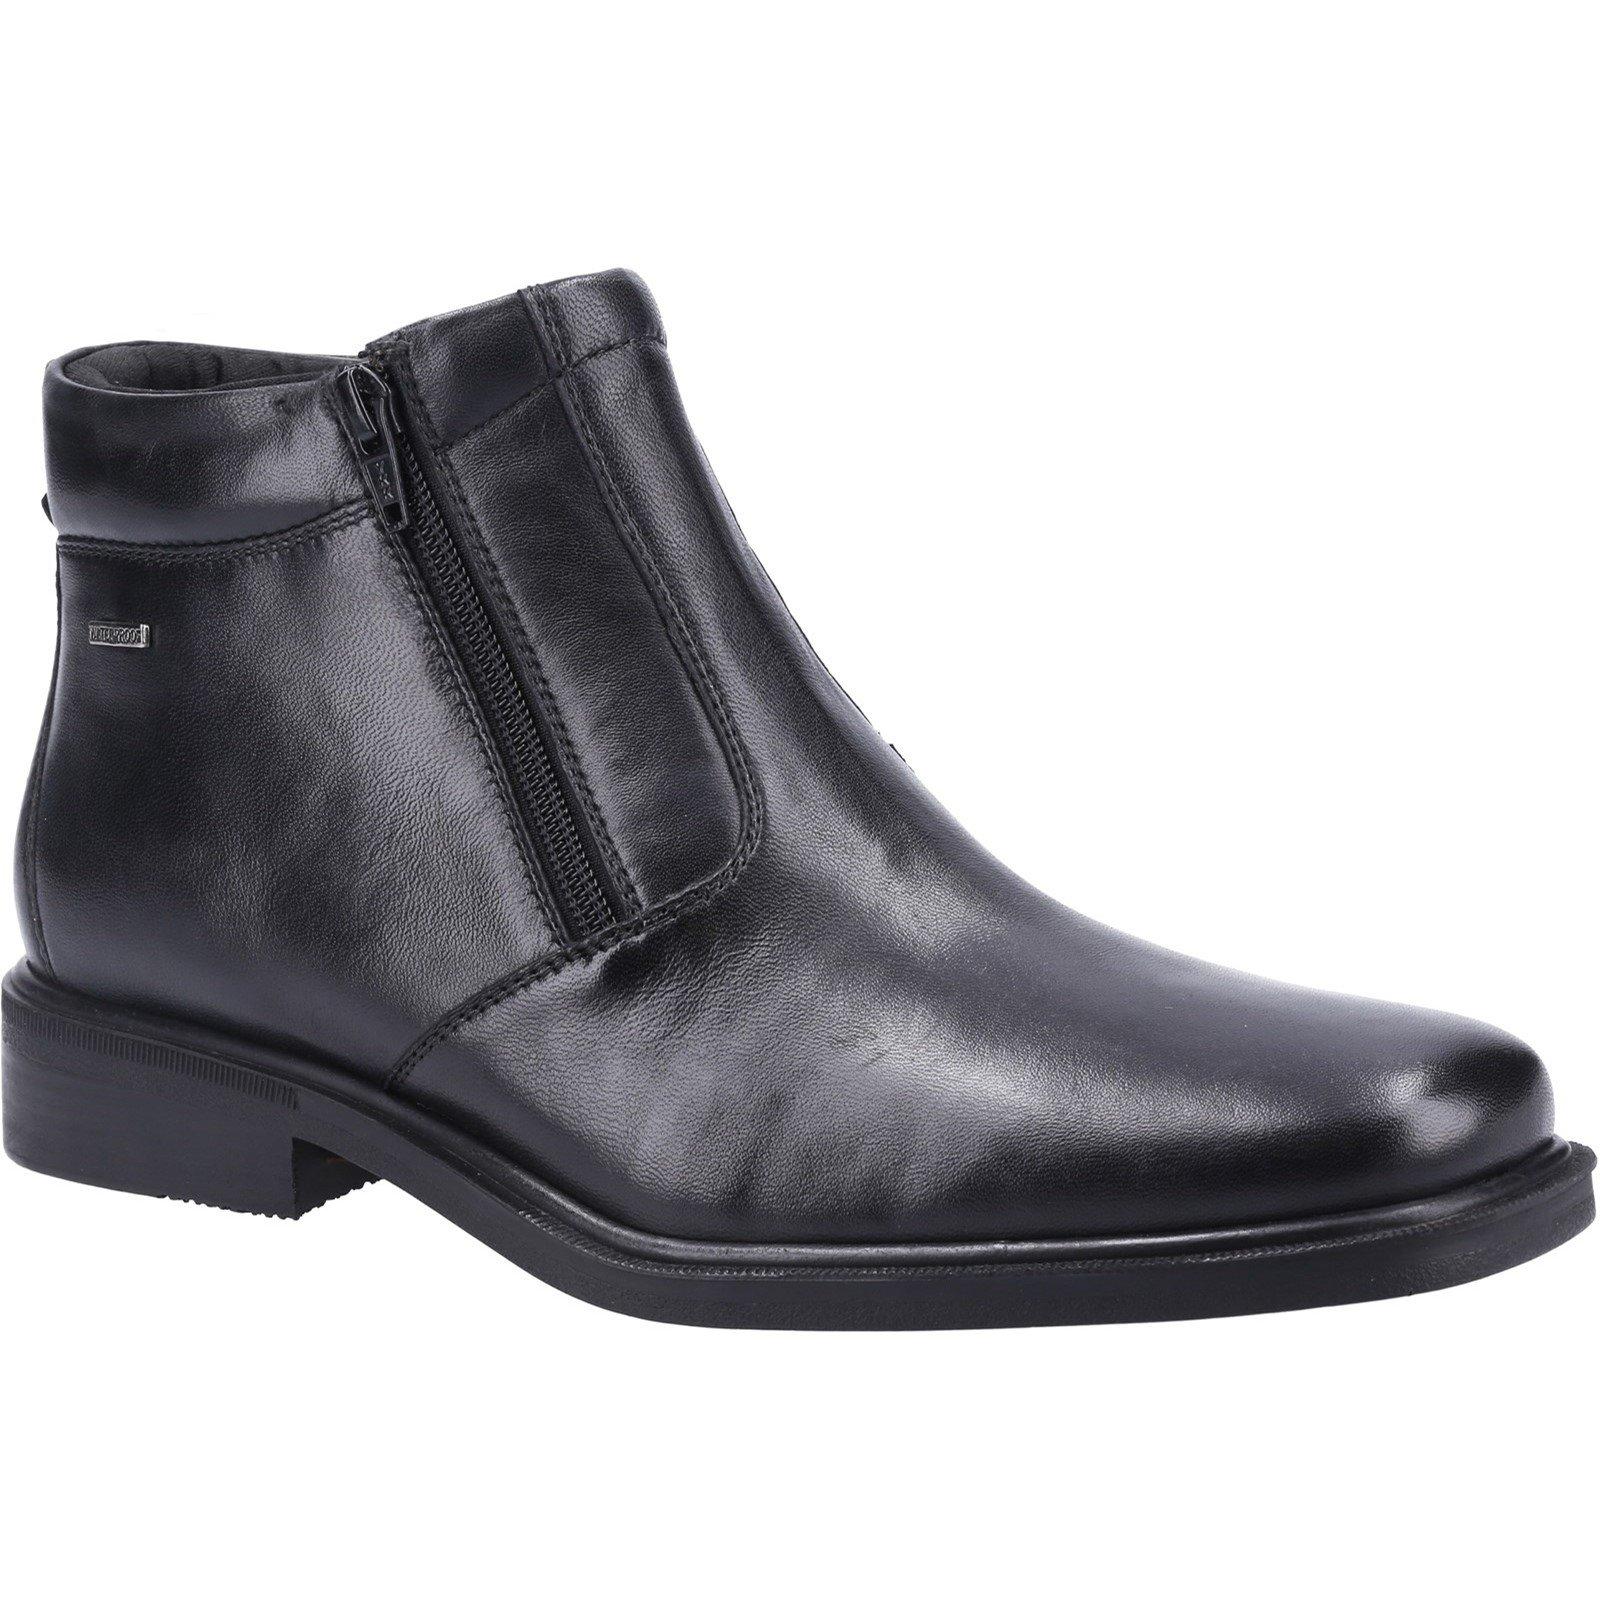 Cotswold Men's Kelmscott 2 Waterproof Boot Black 32972 - Black 12